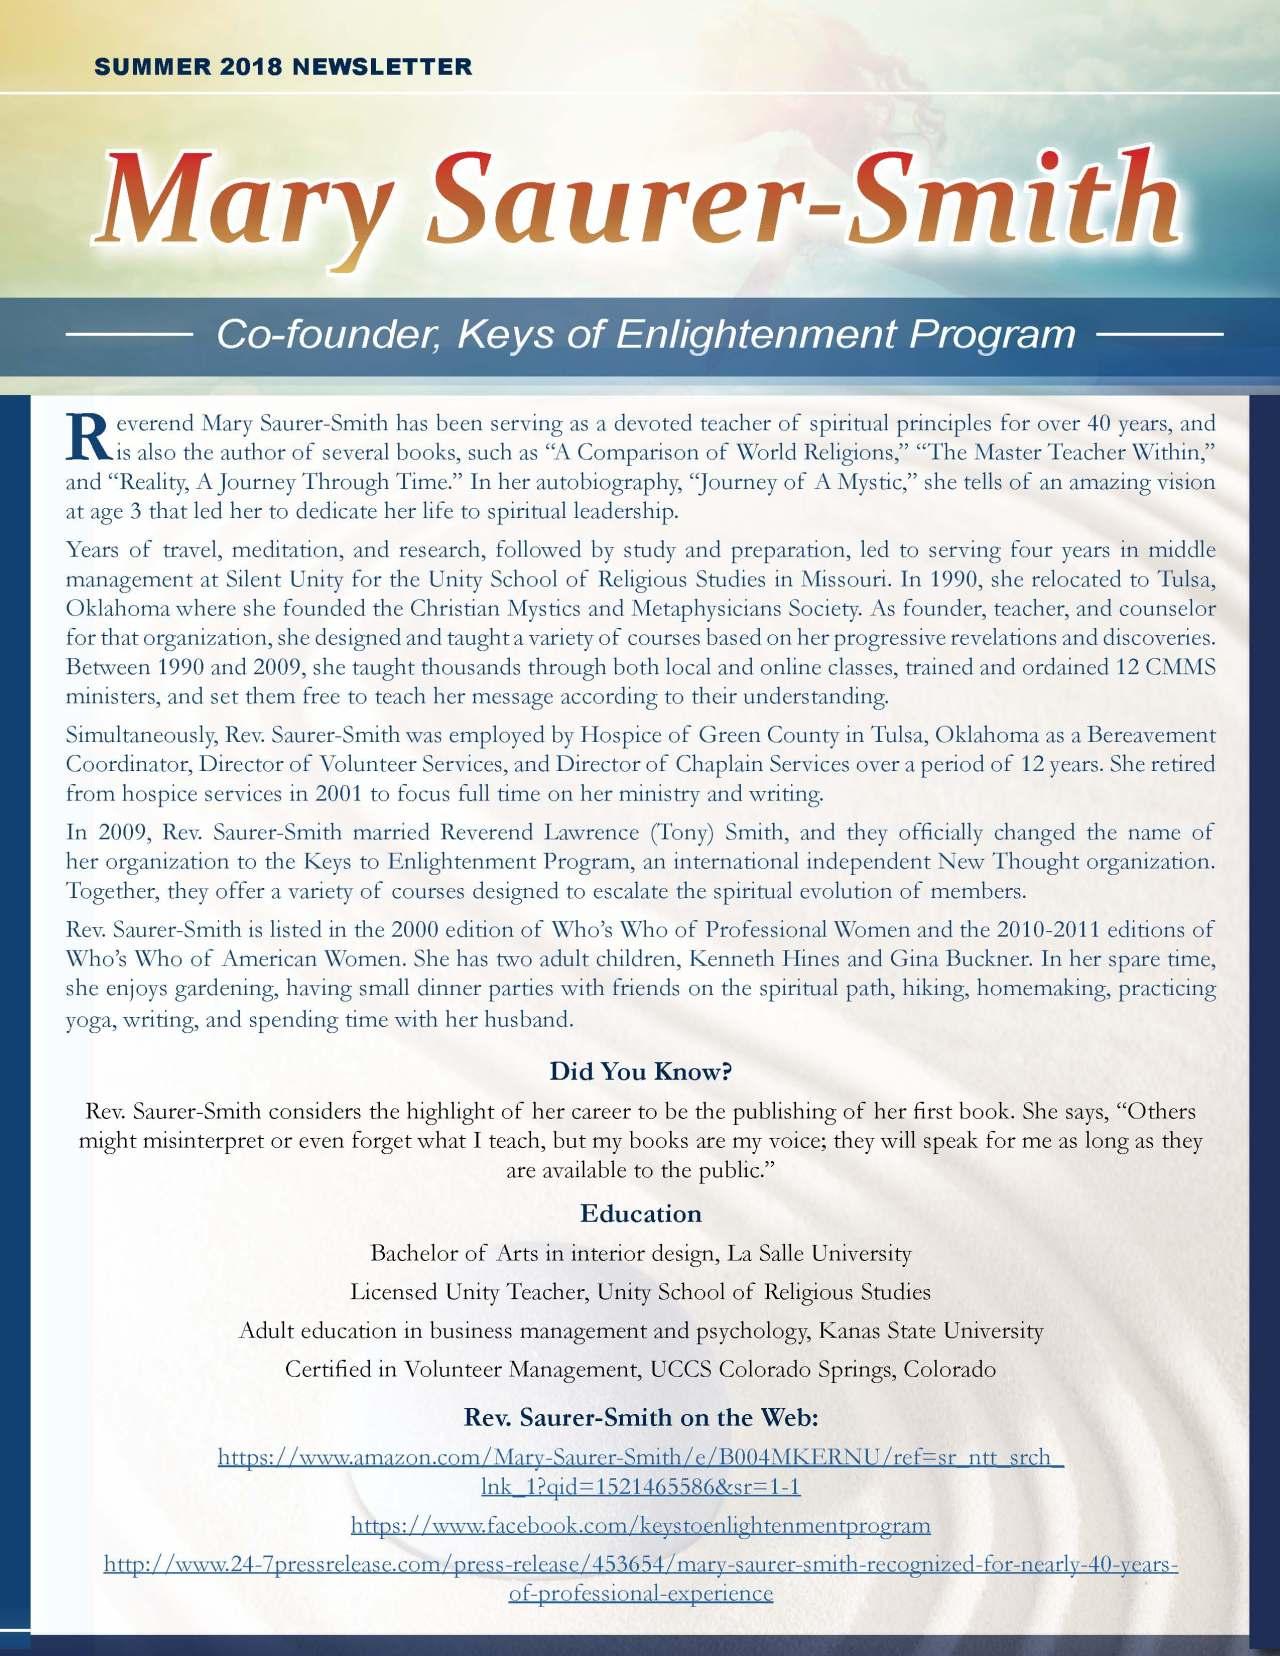 Saurer-Smith, Mary 3894818_31374174 Newsletter REVISED.jpg